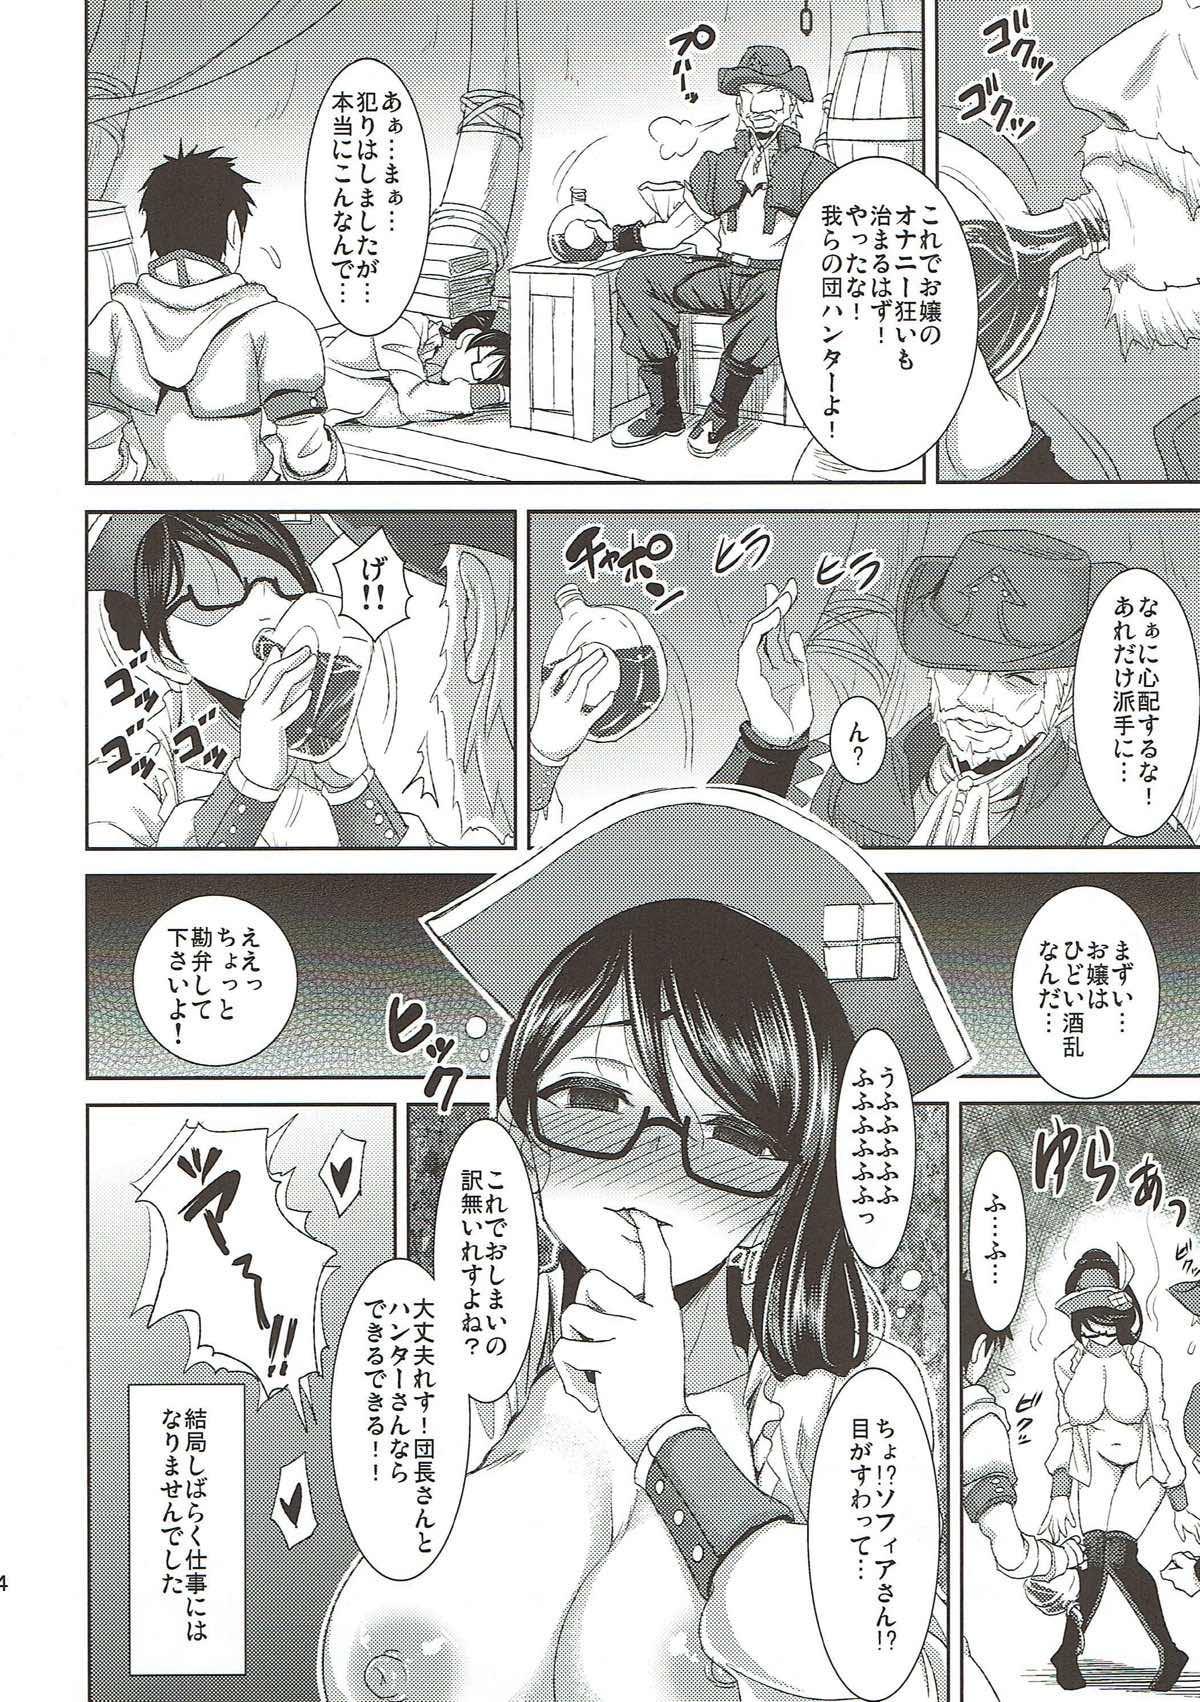 Kanban Musume Maningenka Quest 24